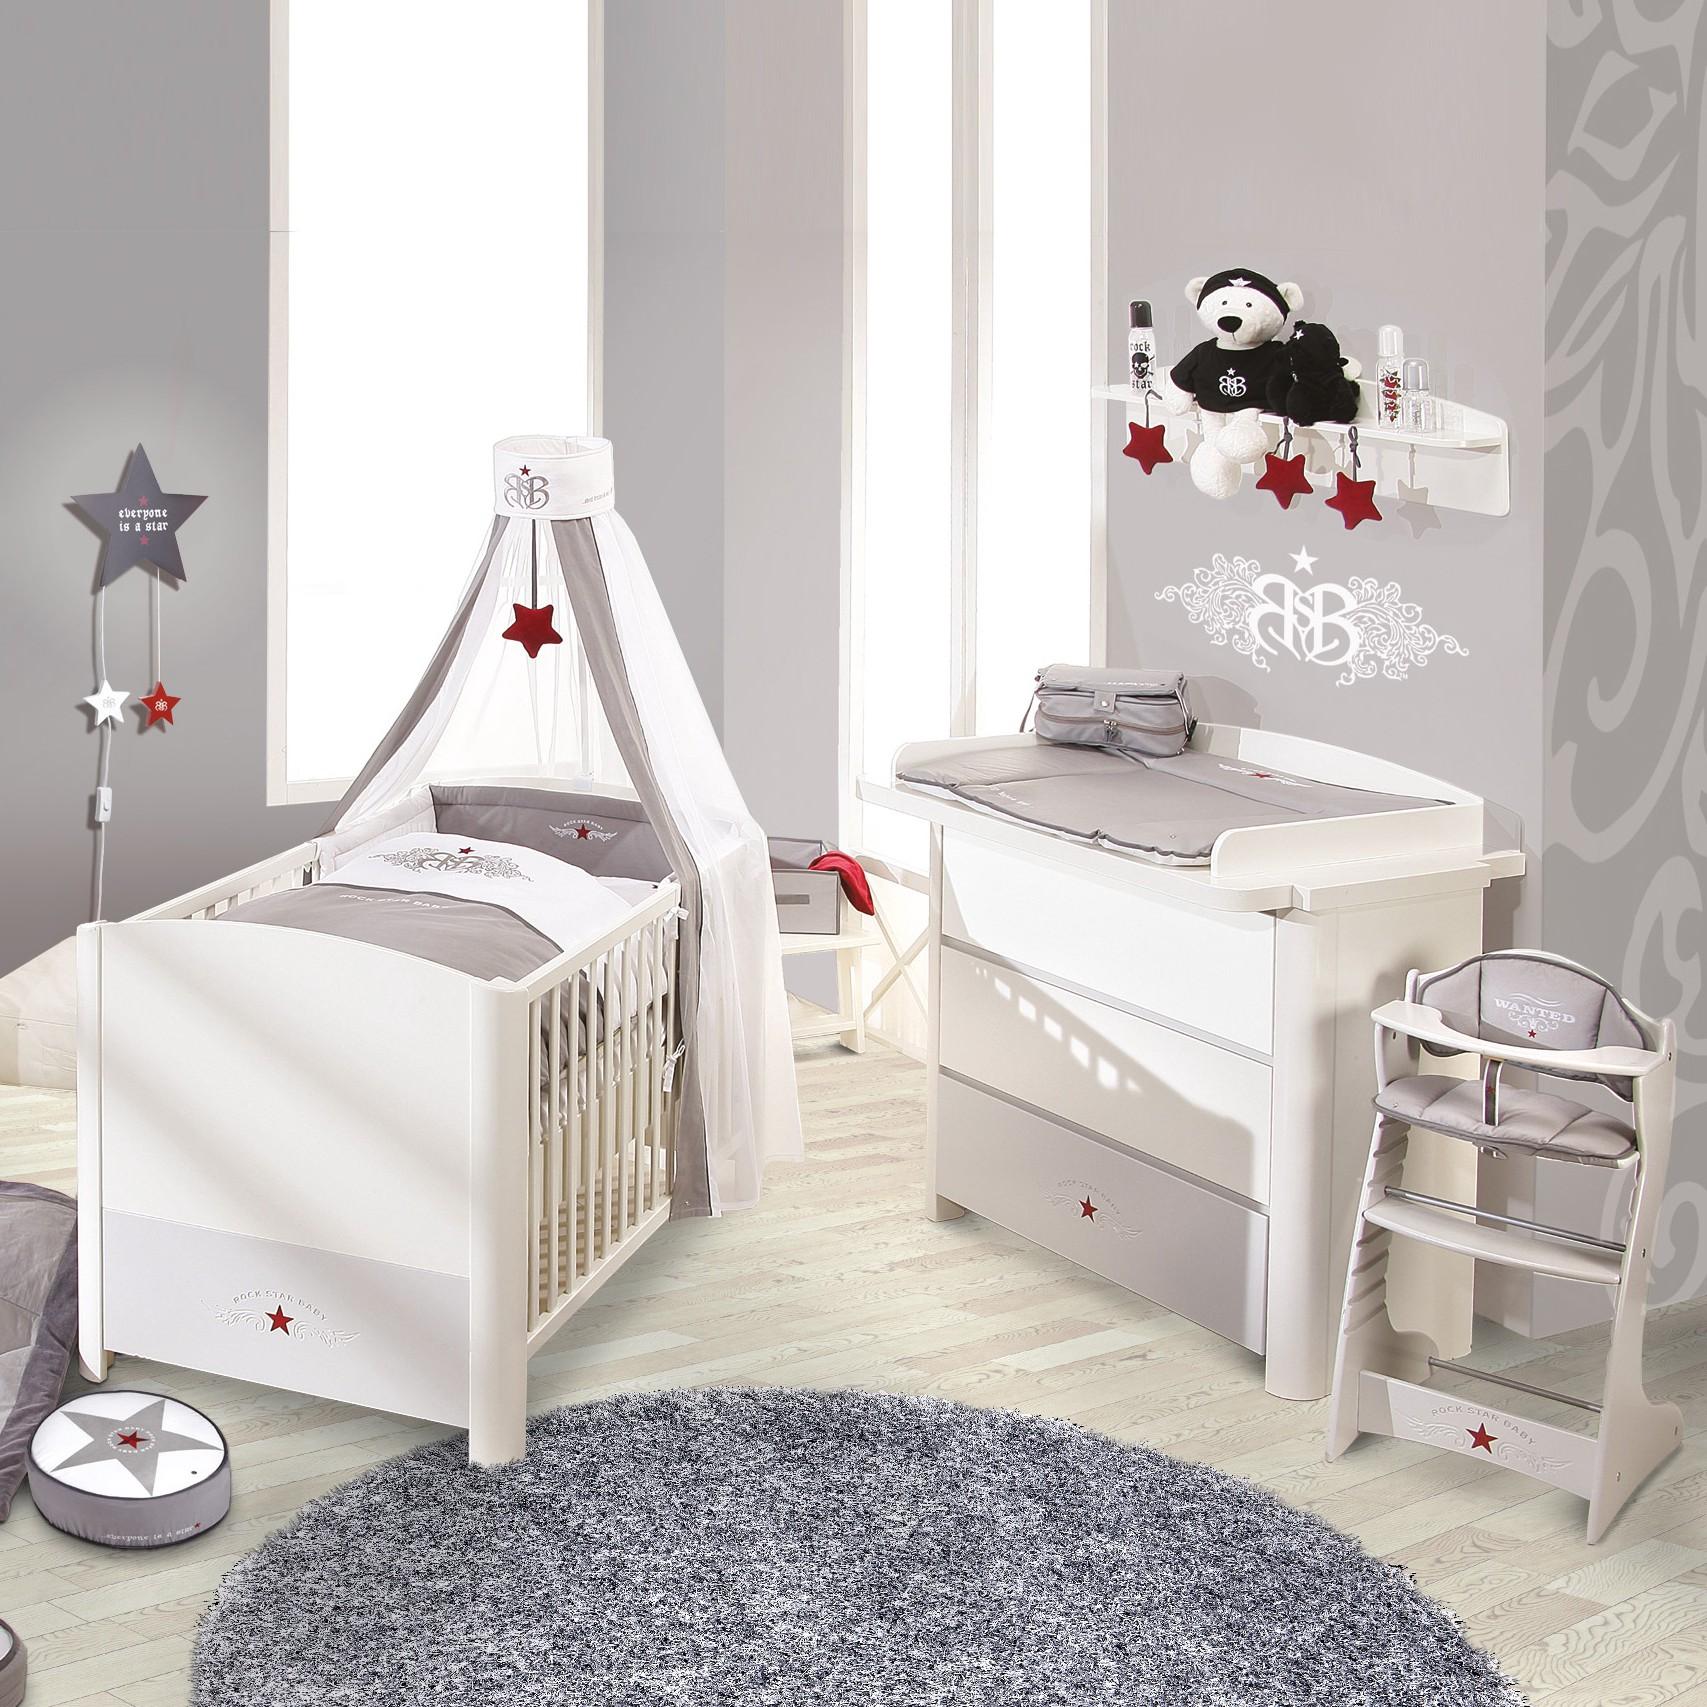 Sparset Rock Star (2-teilig) – Babybett & Wickelkommode – Weiß/Grau, Roba günstig kaufen